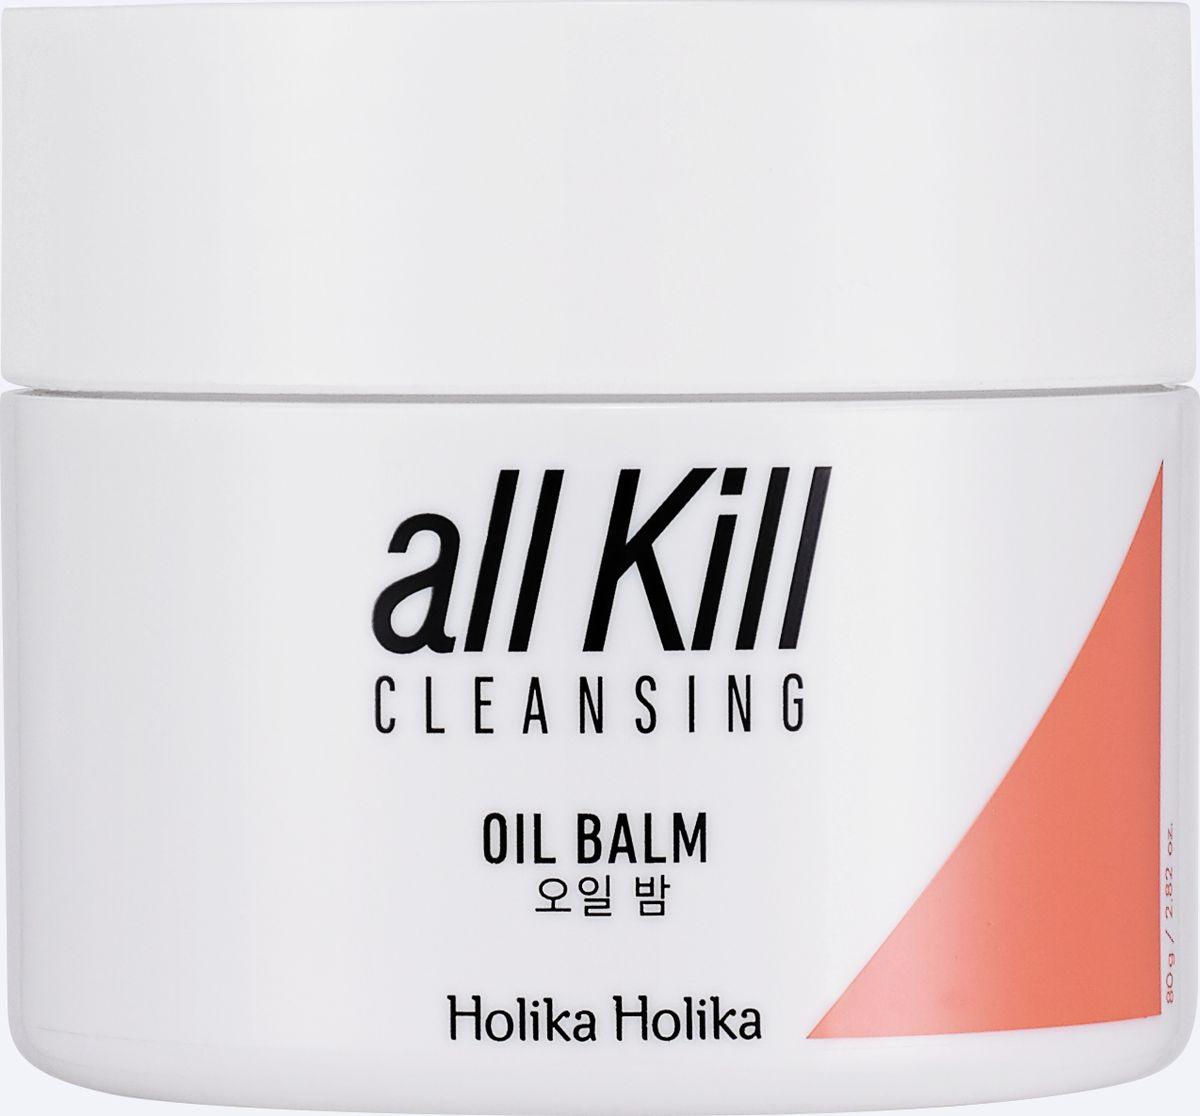 Holika Holika Очищающее масло-бальзам Ол Килл, 80 мл200129916674 Масло-бальзам очищает кожу лица даже от водостойкого макияжа. Предотвращает шелушения, увлажняет, смягчает и питает чувствительную кожу, возвращает ей упругость и эластичность. Применение: Нанесите небольшое количество средства на сухую кожу лица, распределите массирующими движениями. Смойте теплой водой. Объём: 80 г. Состав: минеральное масло, цетиловый этилгексаноат, ПЭГ - 20 глицерил триизостеарат, полиэтилен, ПЭГ - 8 изостеарат, аромат, токоферола ацетат, масло ши, каприлилгликоль, феноксиэтанол, этилгексилглицерин, 1,2 -гександиол, каприловой / каприновой триглицериды, экстракт листьев мыльнянки лекарственной, бутиленгликоль, лимонная кислота.